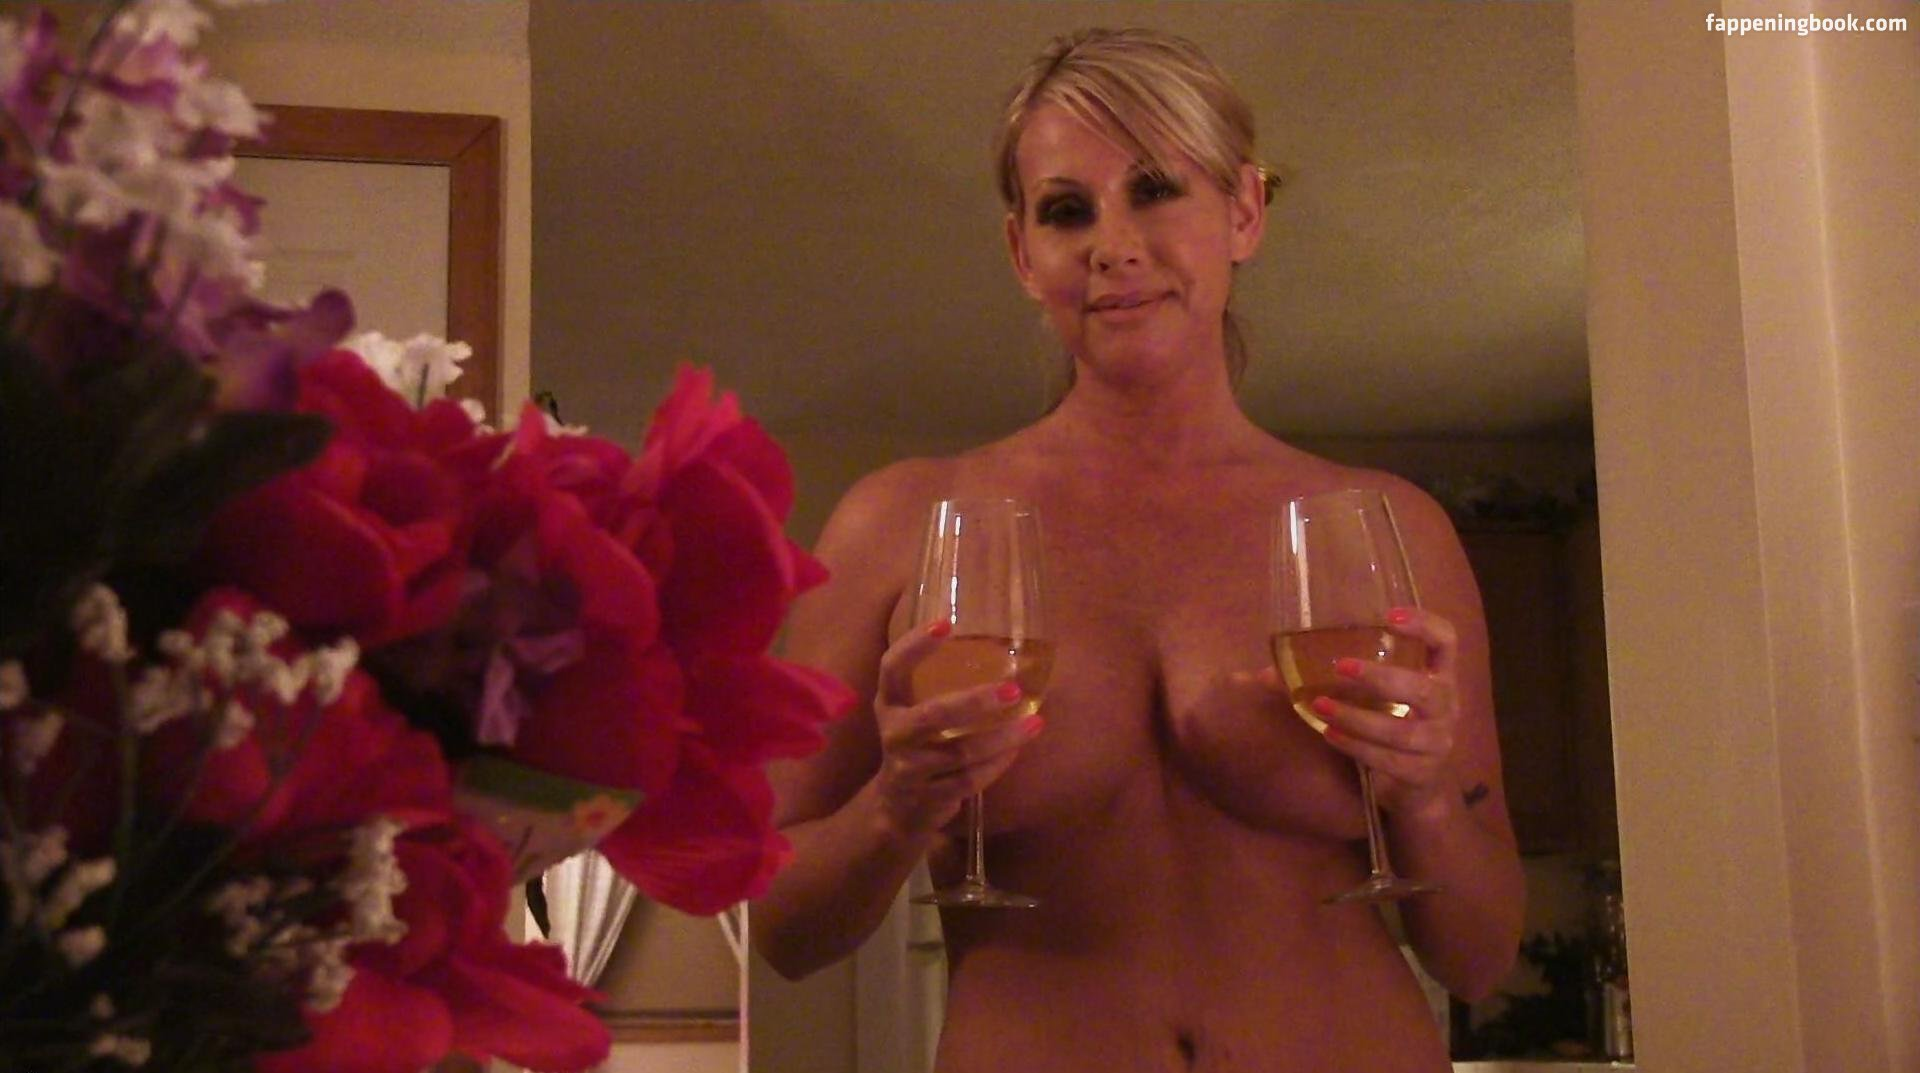 hot nurse naked gif